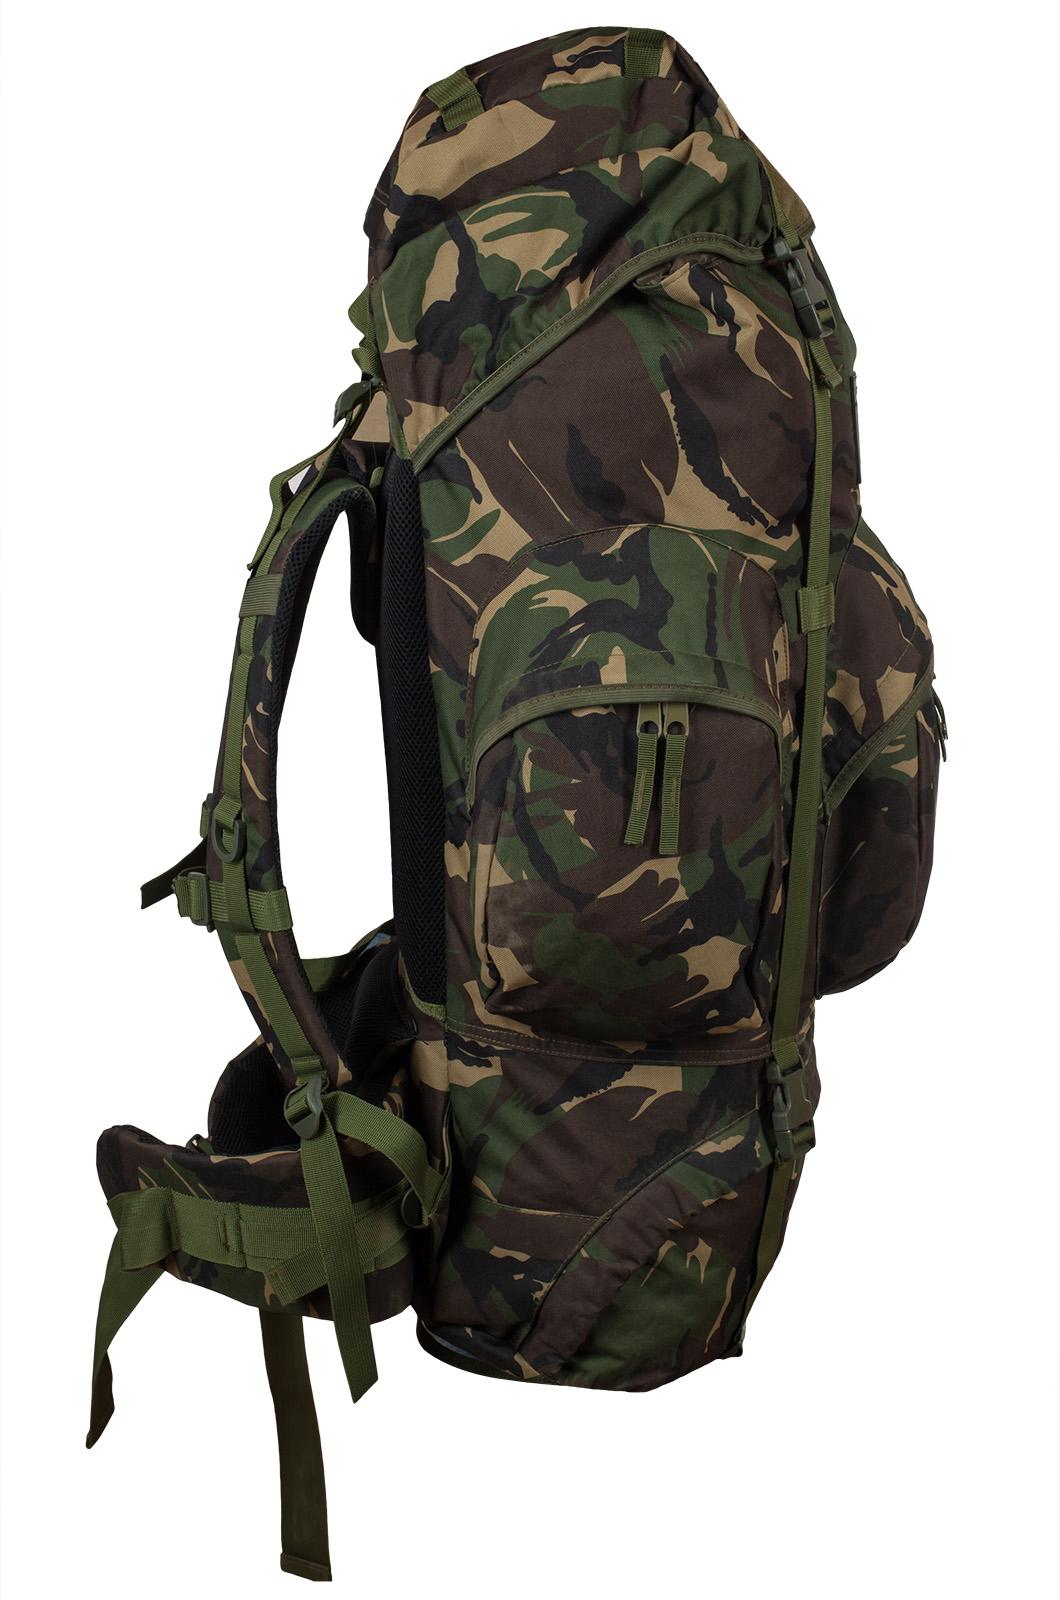 Большой тактический рюкзак с нашивкой Охотничий спецназ купить в подарок